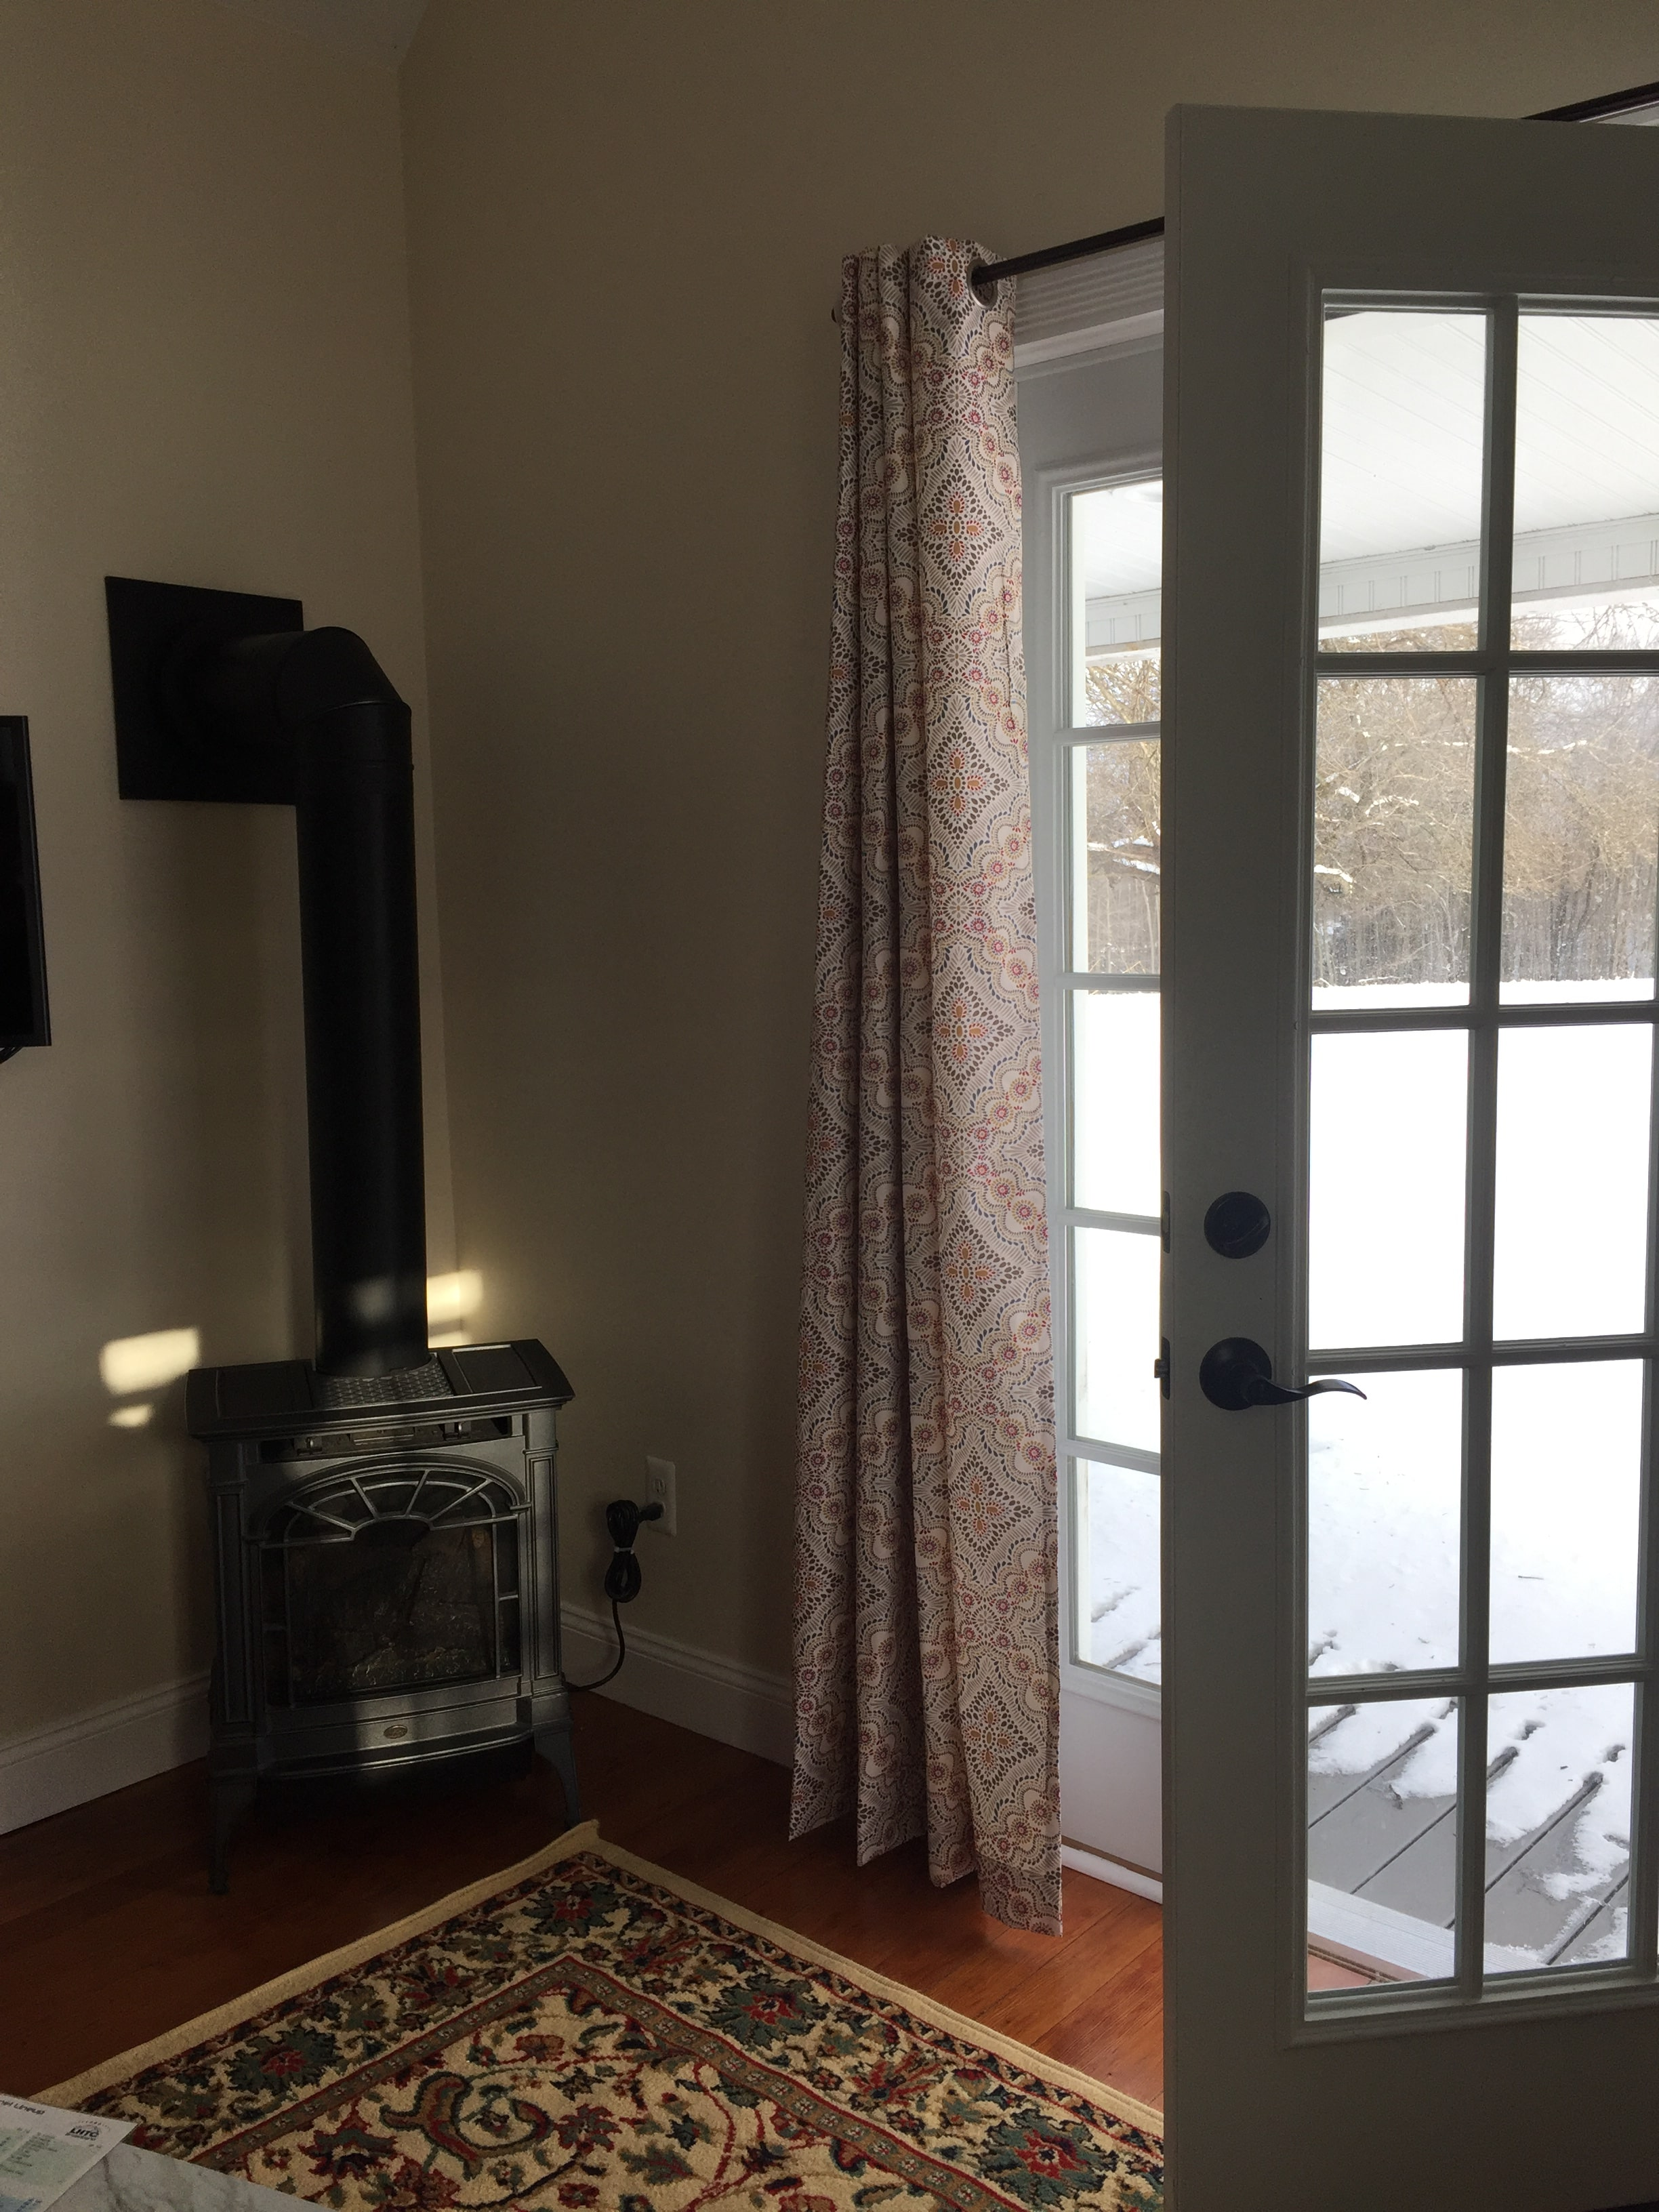 Heater and porch door overlooking farm land.